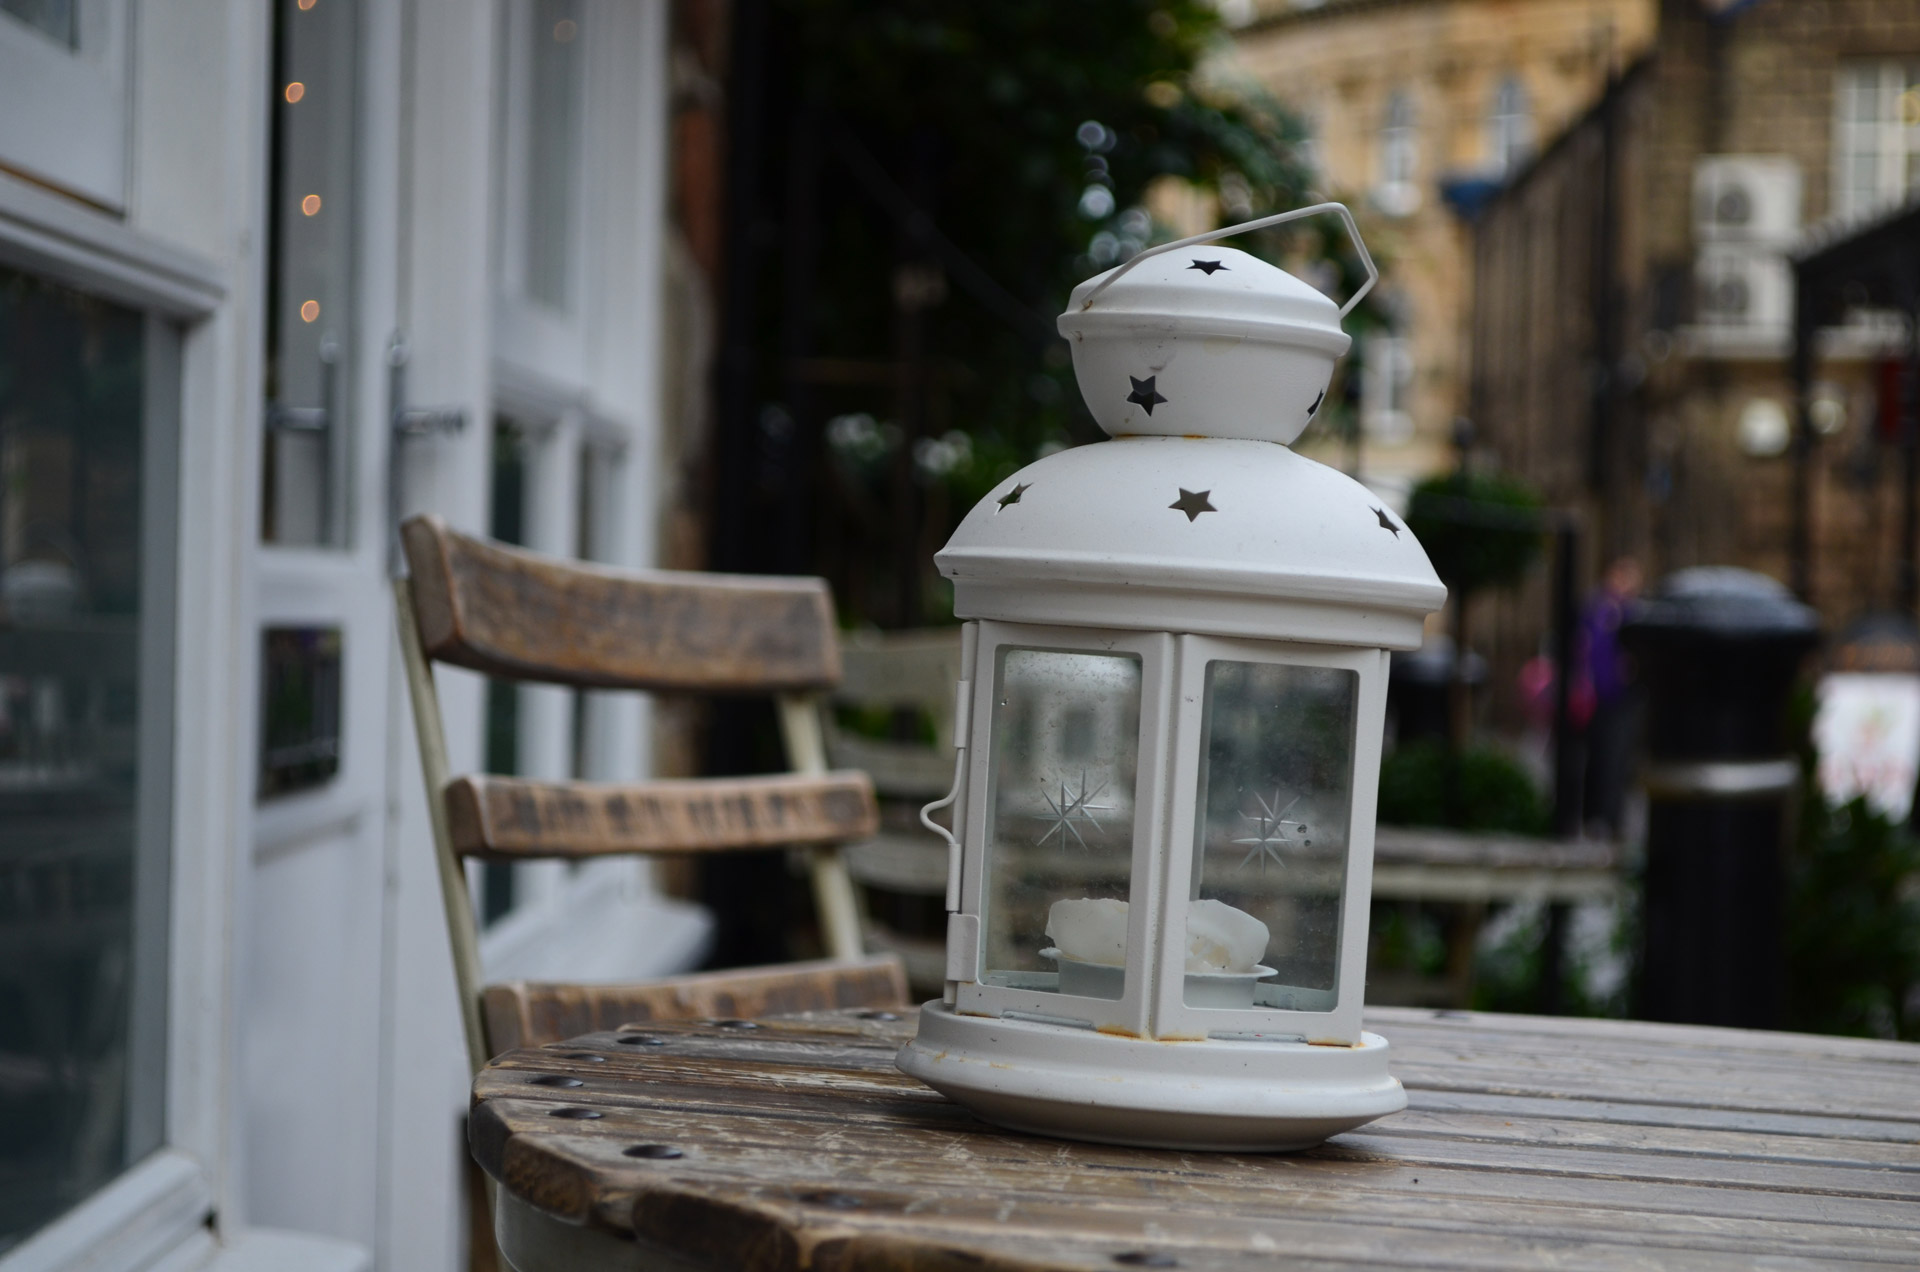 white-lantern-on-the-table